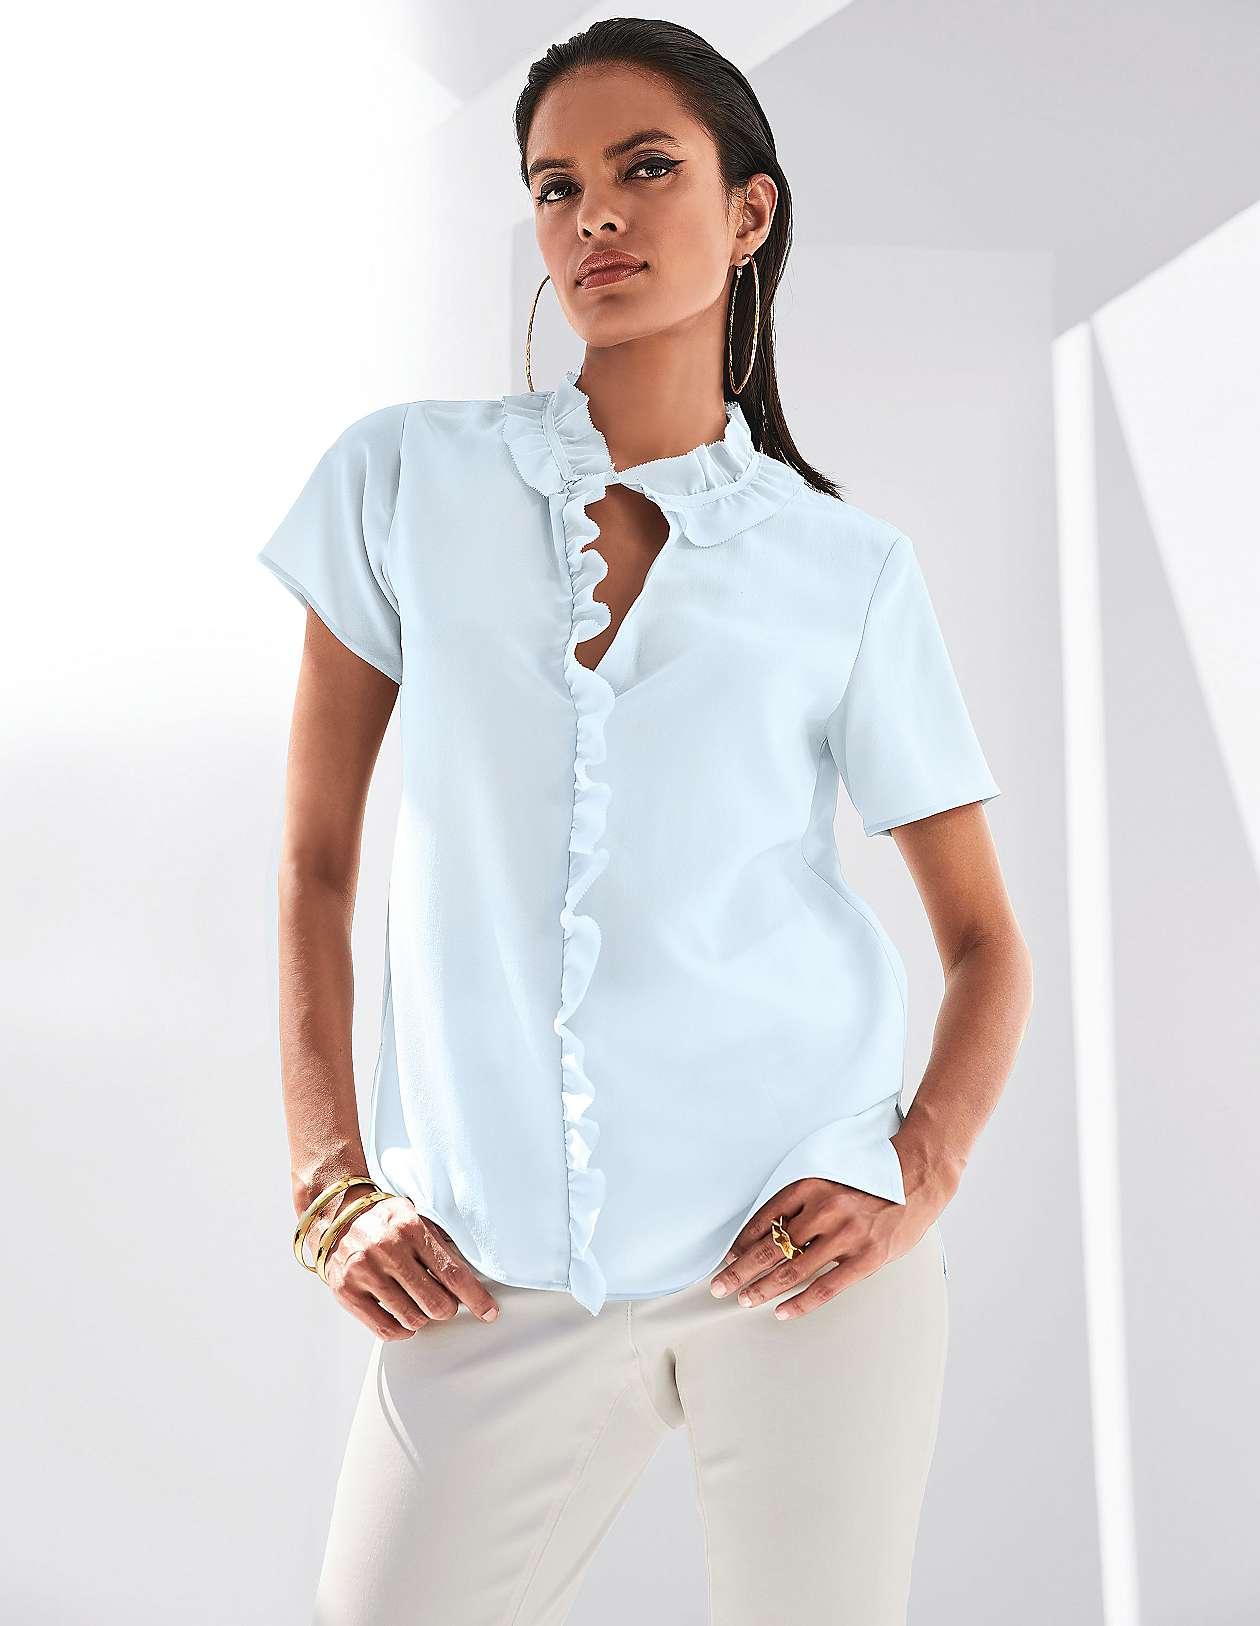 52c7f5744e13 Elegante Blusen für festliche Anlässe online kaufen   MADELEINE Mode